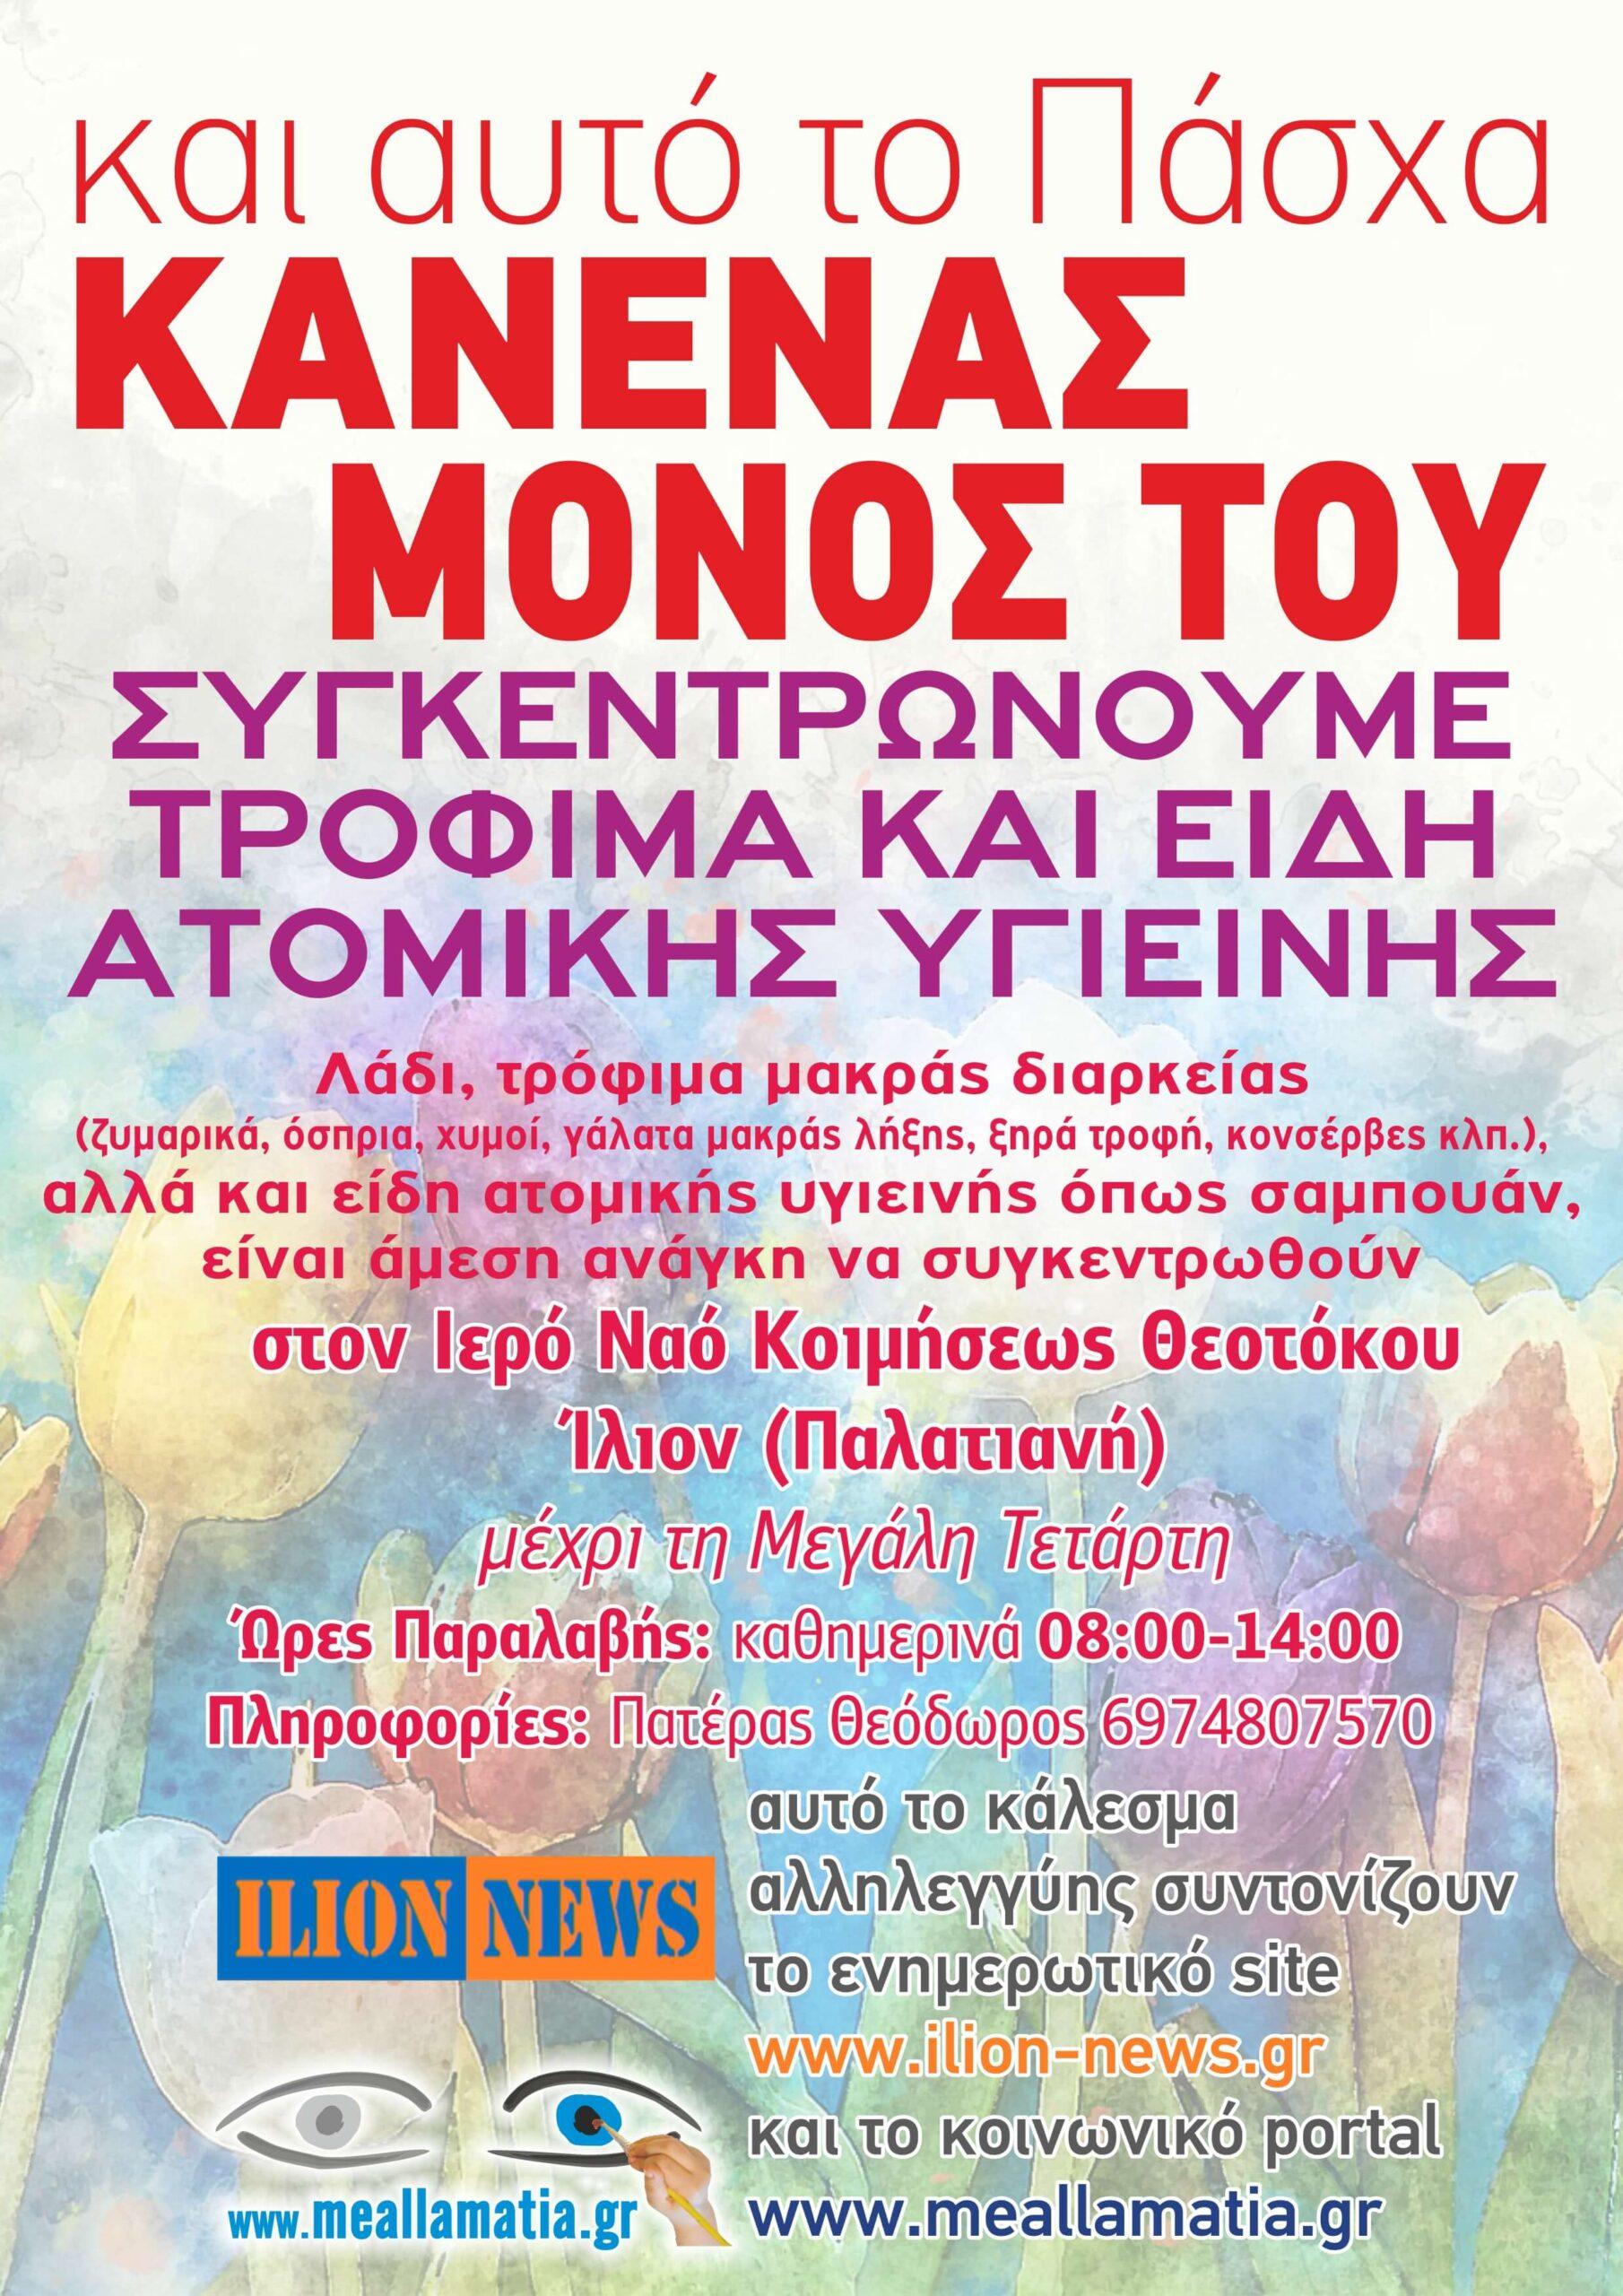 Αφίσα για συγκέντρωση τροφίμων την περίοδο του Πάσχα